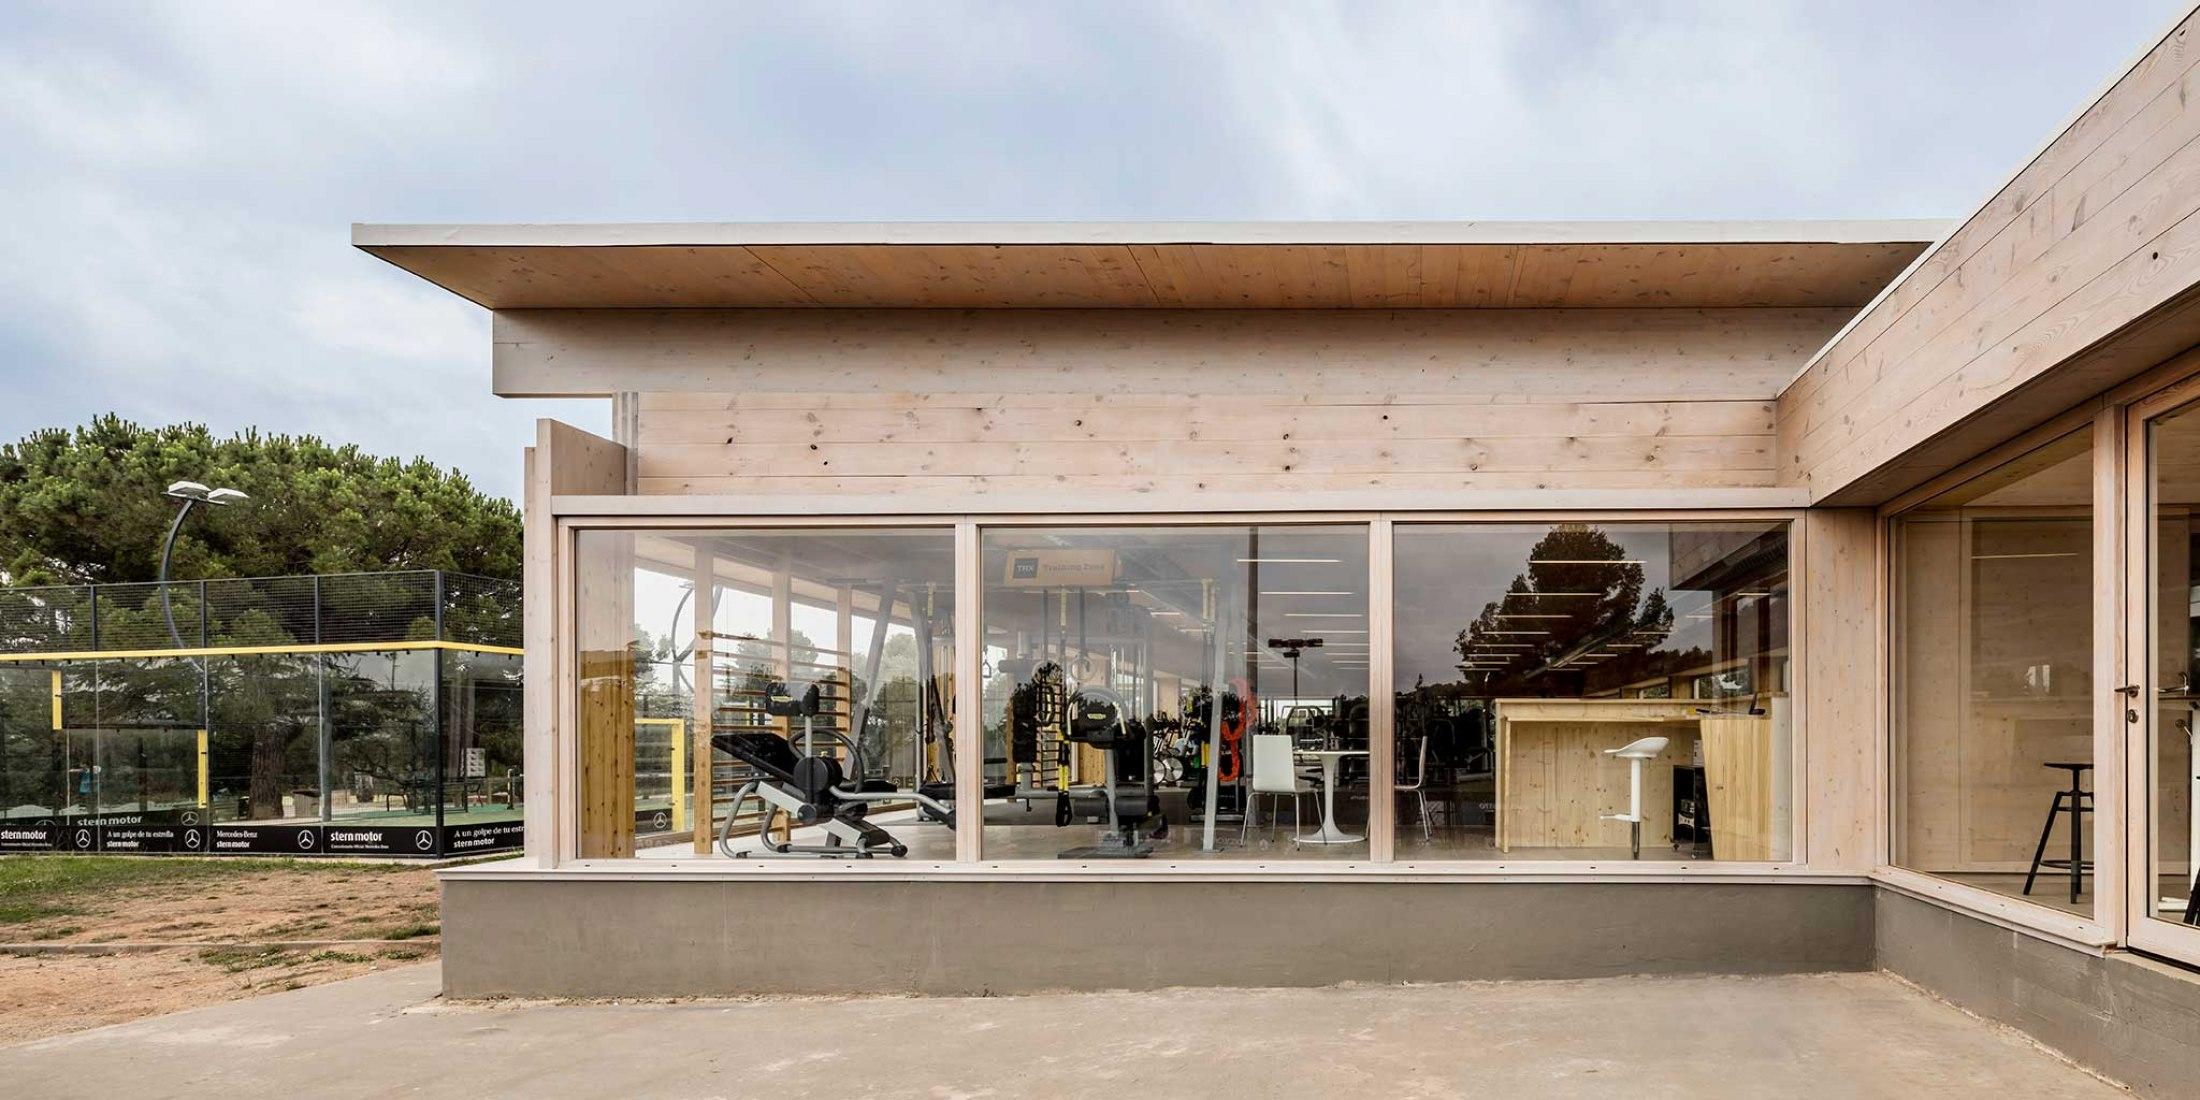 Nuevo Edificio Anexo Gimnasio-Sala De Fitness ATHC por BAMMP Arquitectos y XVArquitectura. Fotografía por Adrià Goula